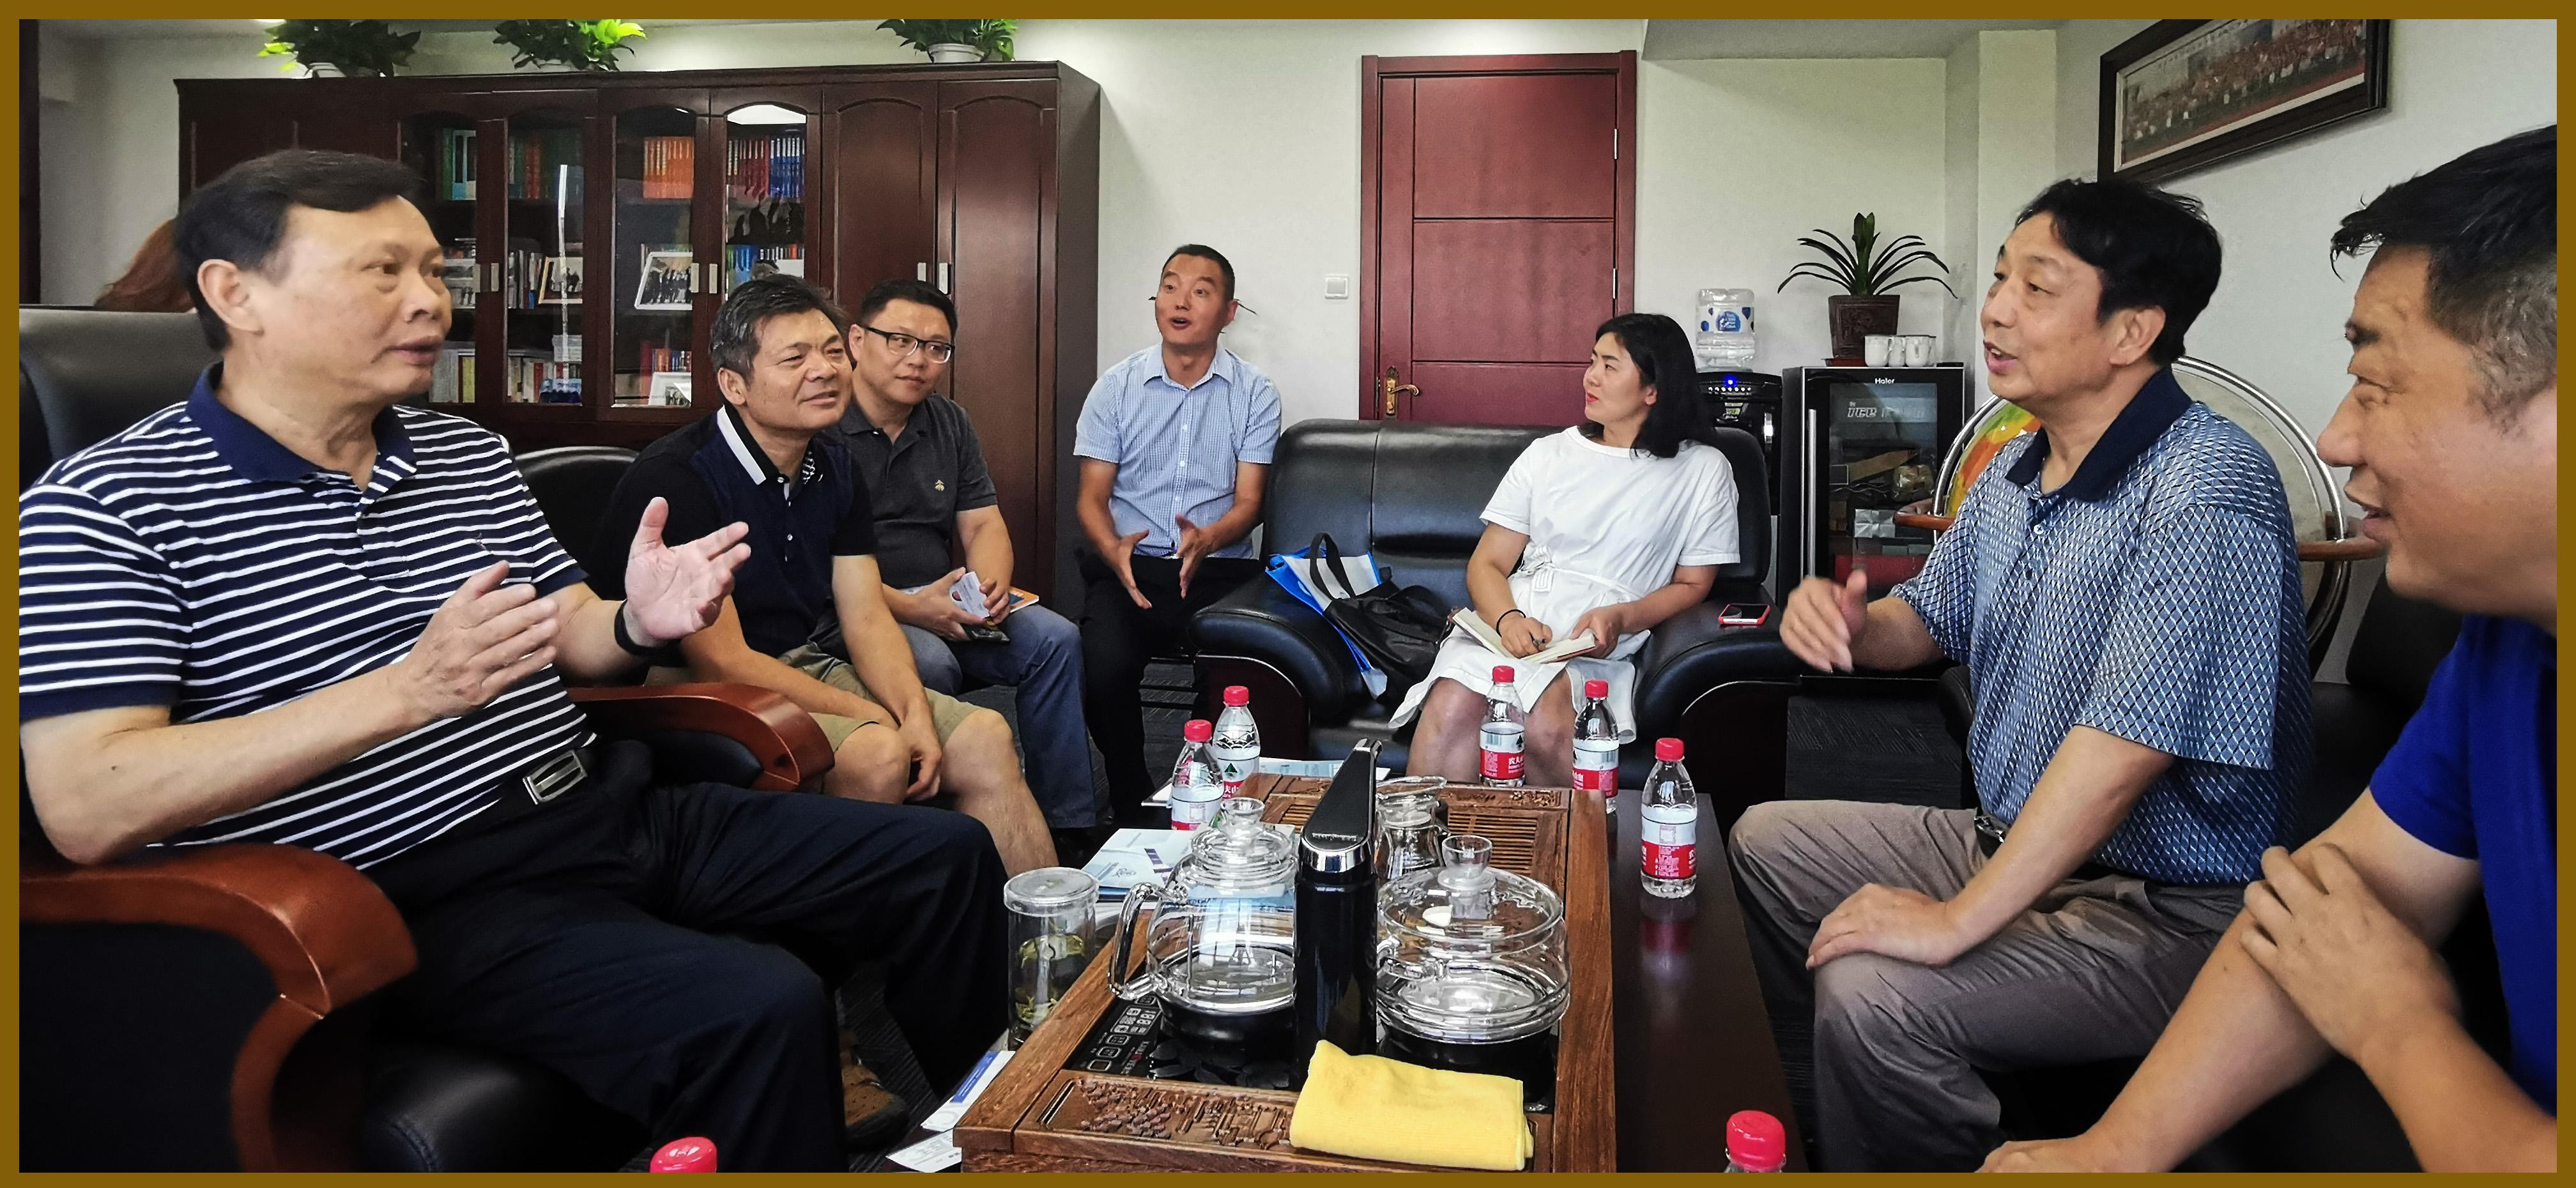 中国卫星导航定位协会会长于贤成拜访中国物流与采购联合会达成战略合作共识